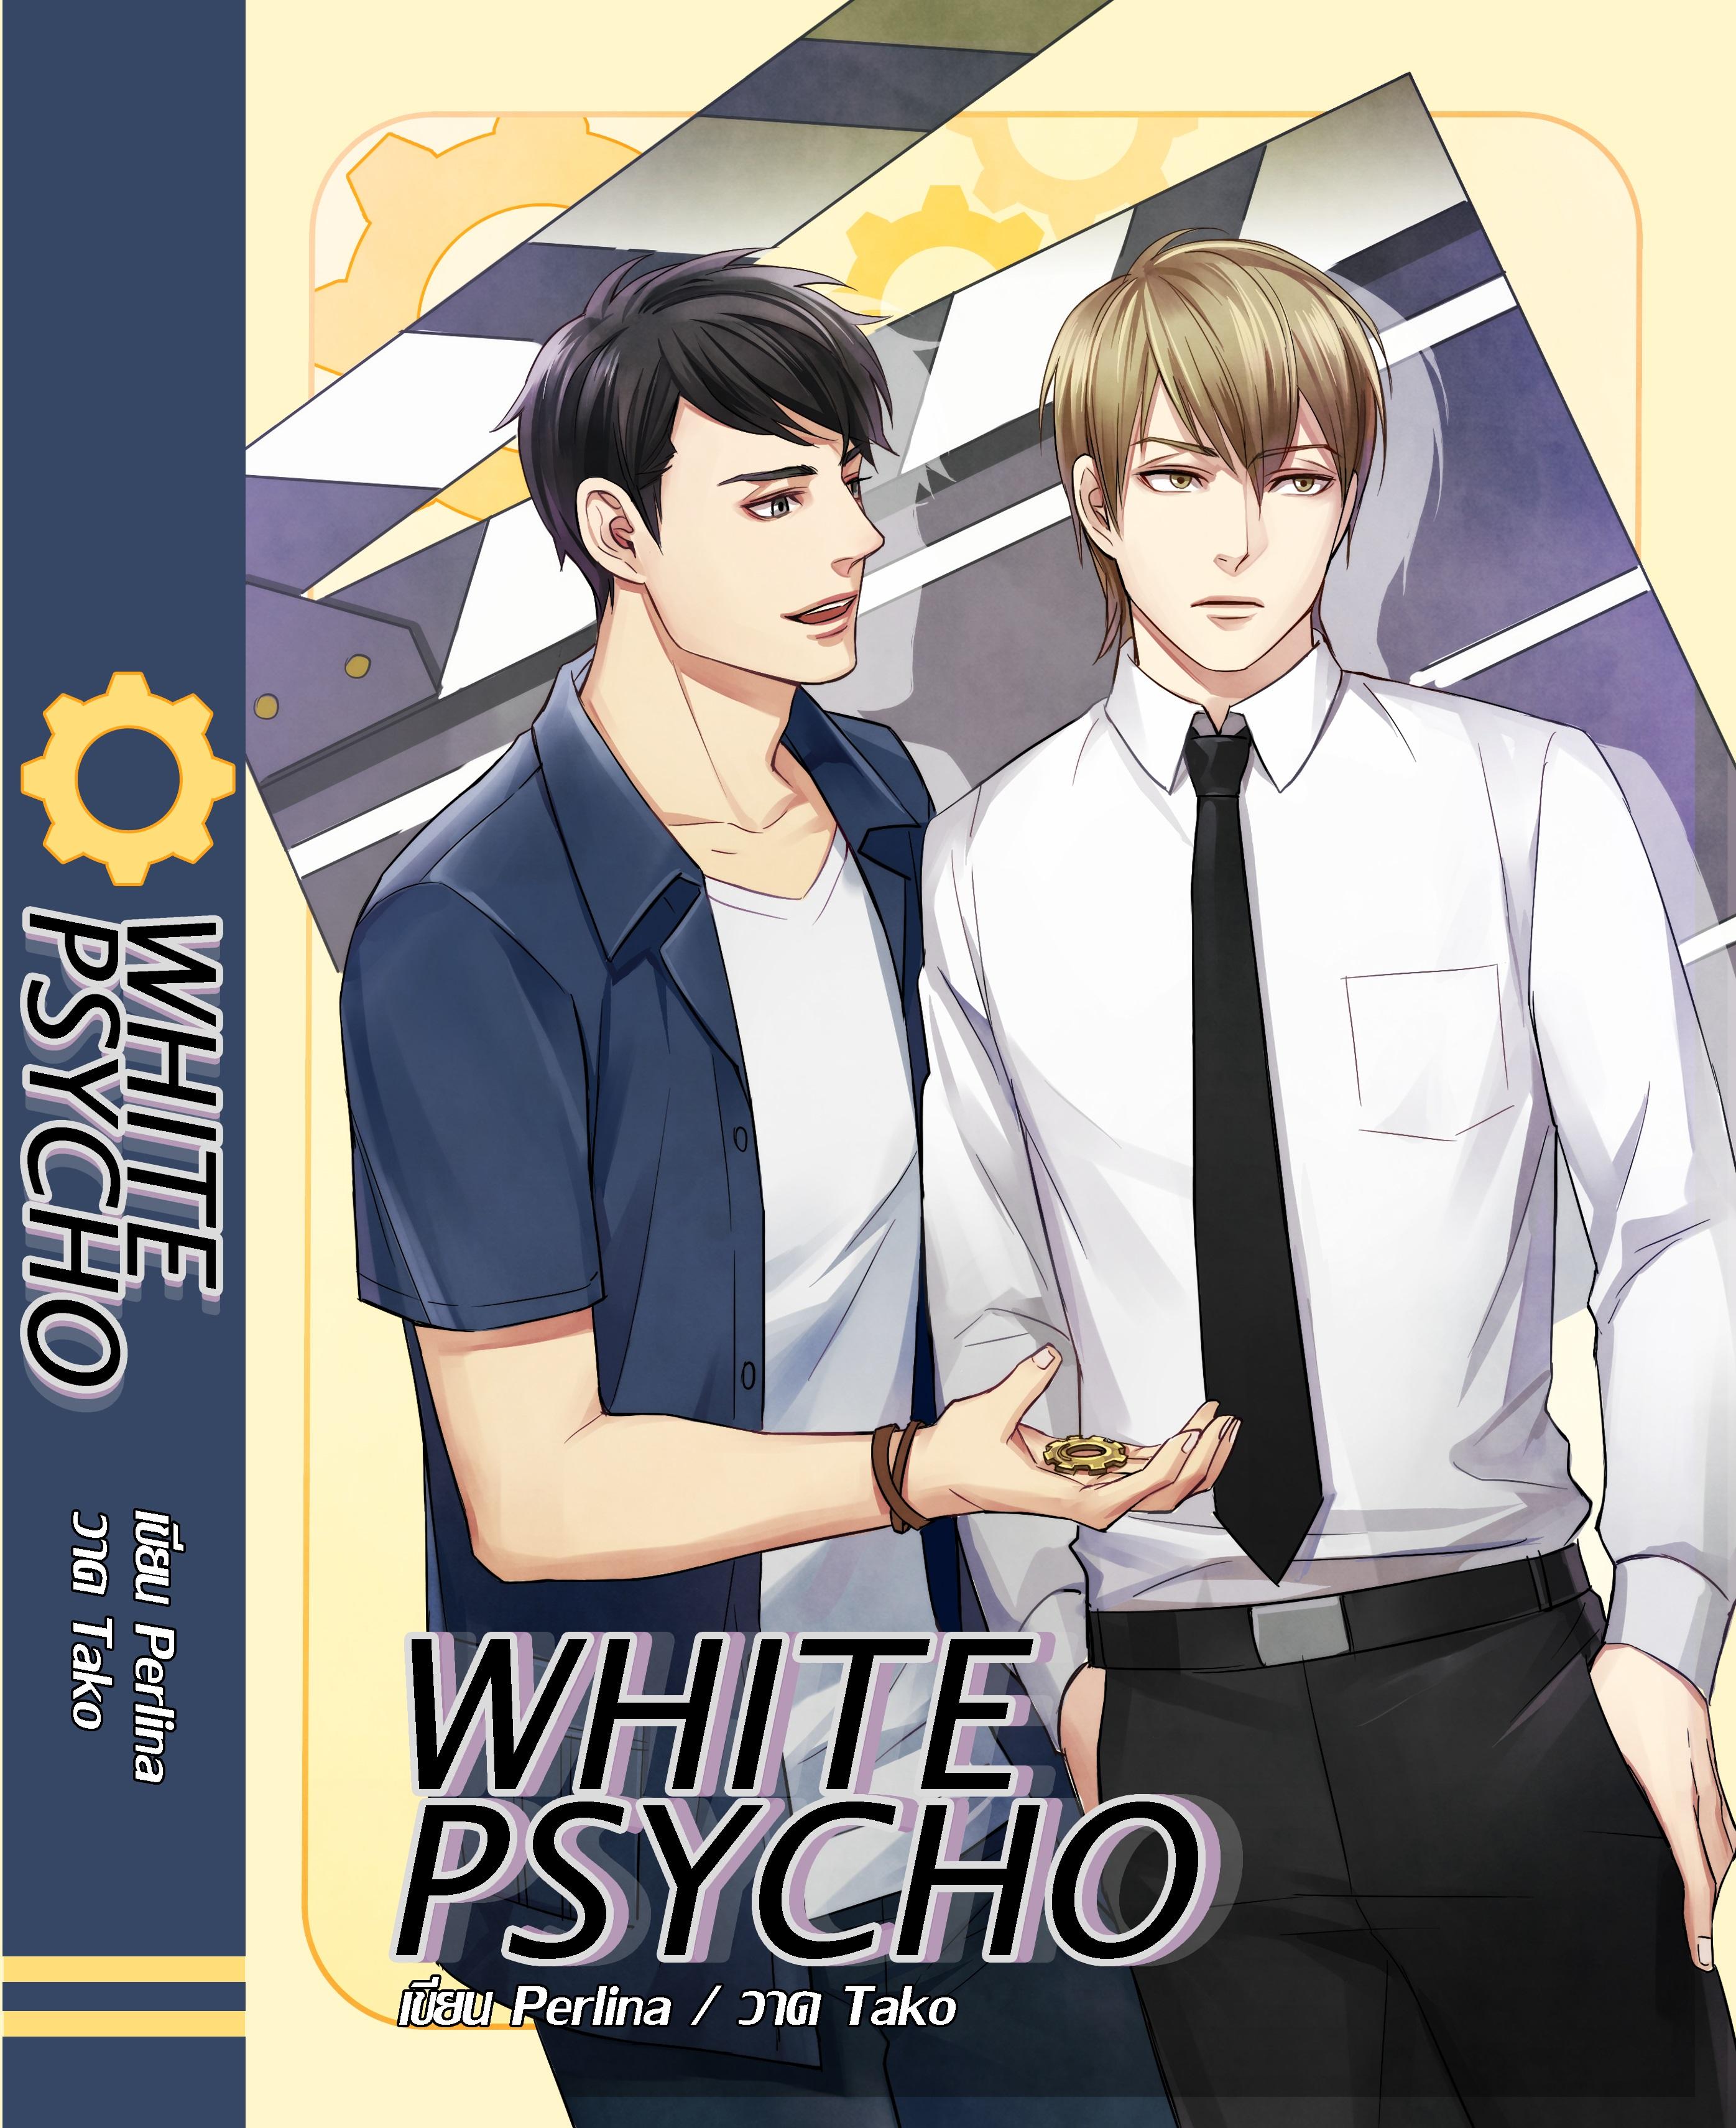 White Psycho By Perlina